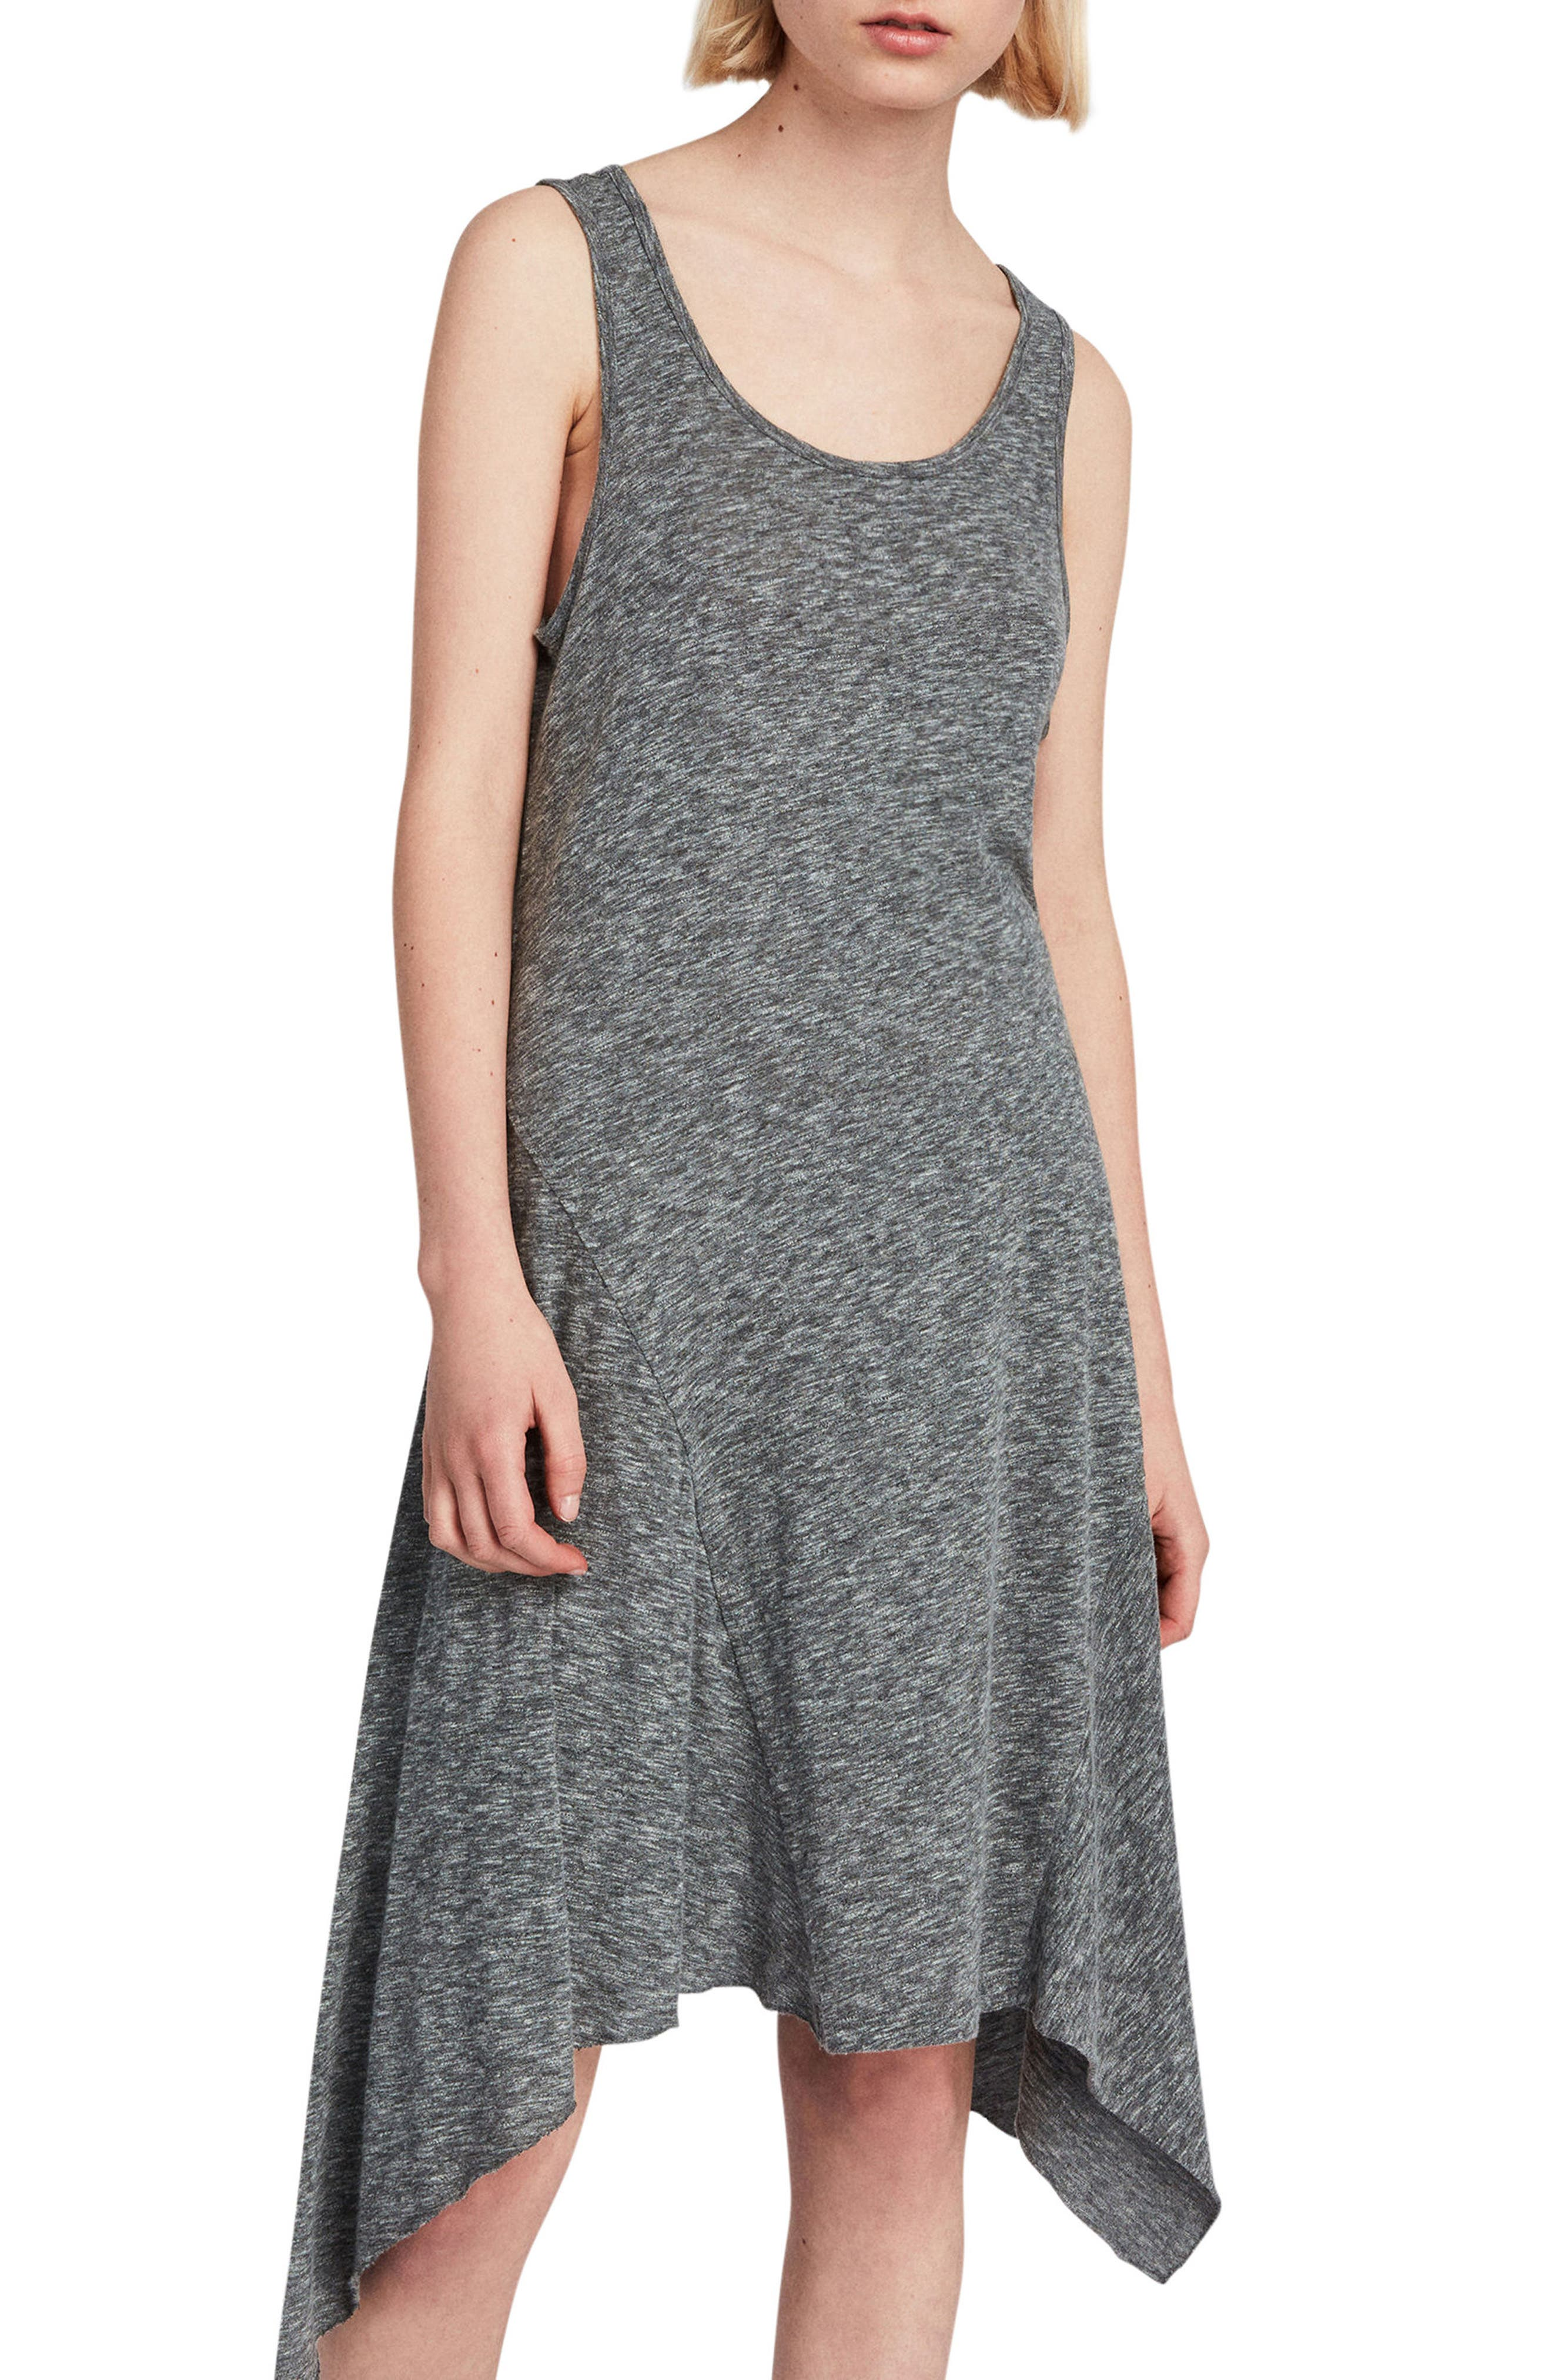 Ella Flame Handkerchief Hem Tank Dress,                             Main thumbnail 1, color,                             034